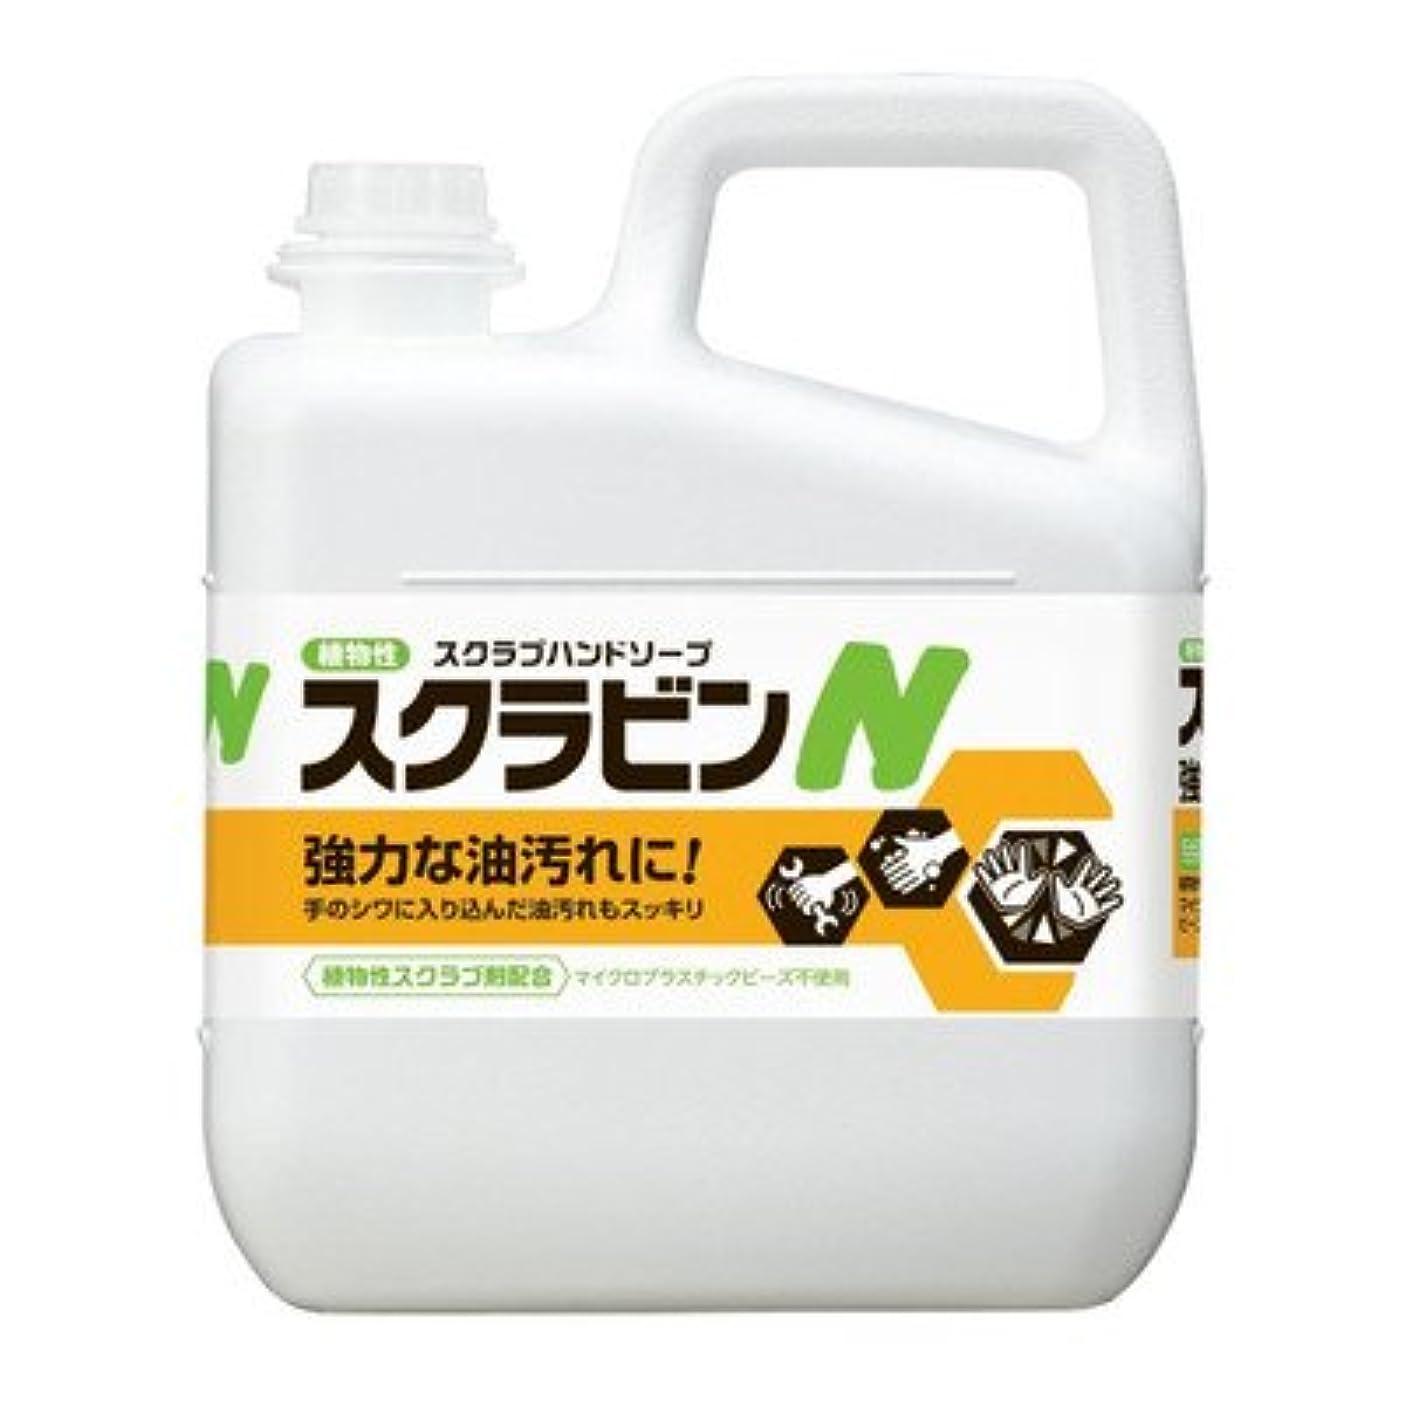 止まる動的輝度環境と手肌に優しく油汚れを落とす植物性スクラブハンドソープ サラヤ 植物性スクラブハンドソープ スクラビンN 5kg 23155